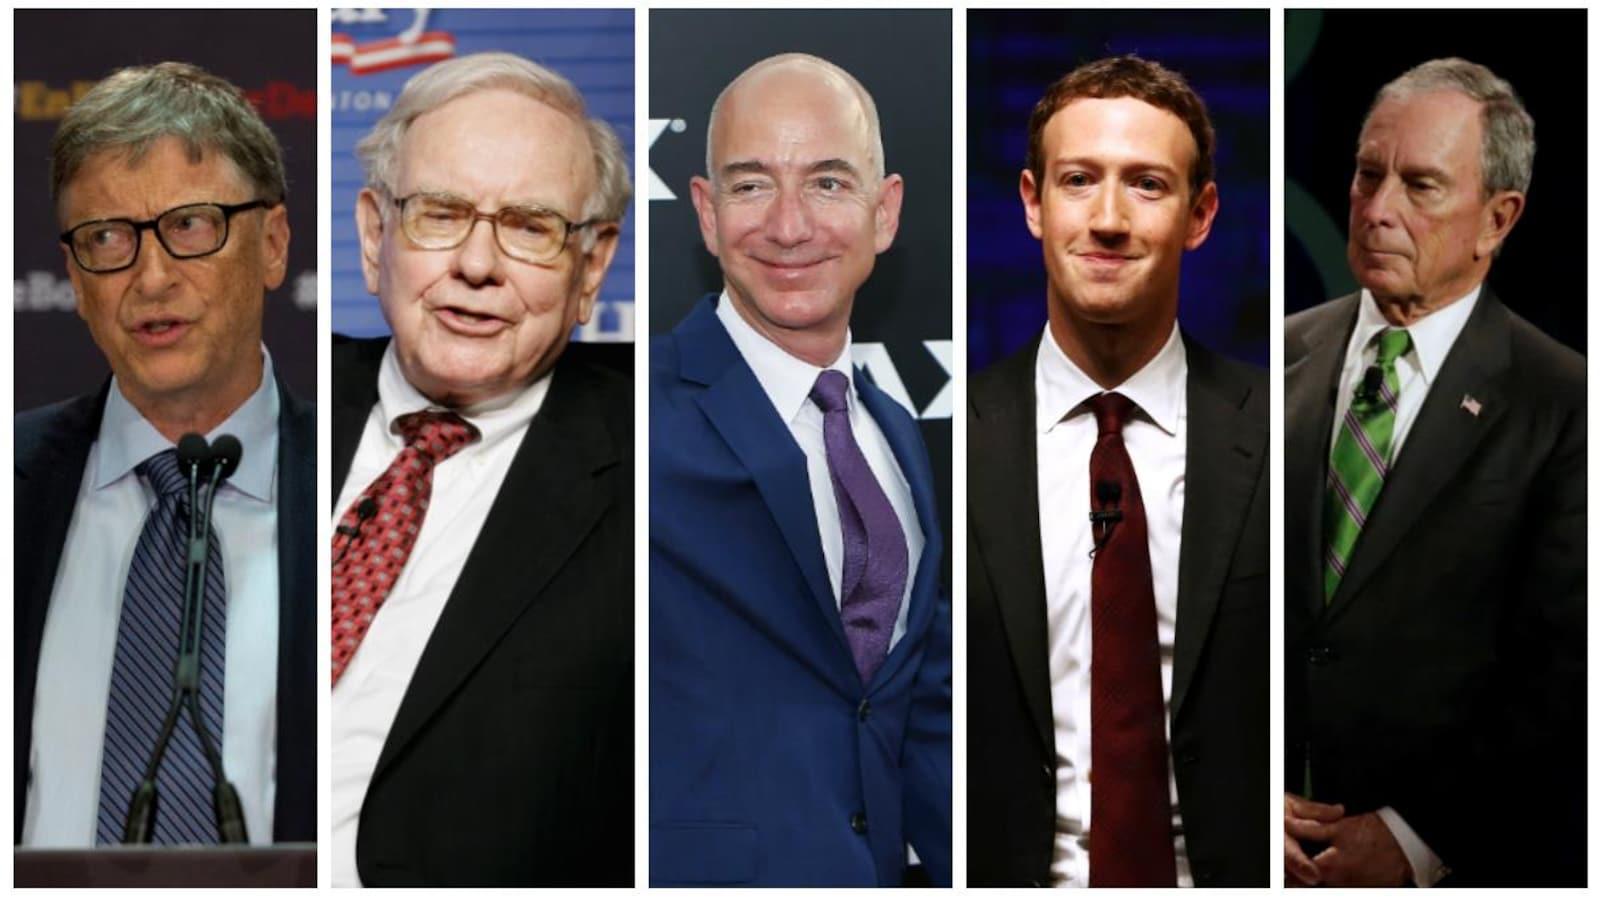 Ces Hommes Qui Possedent Autant Que La Moitie La Plus Pauvre De L